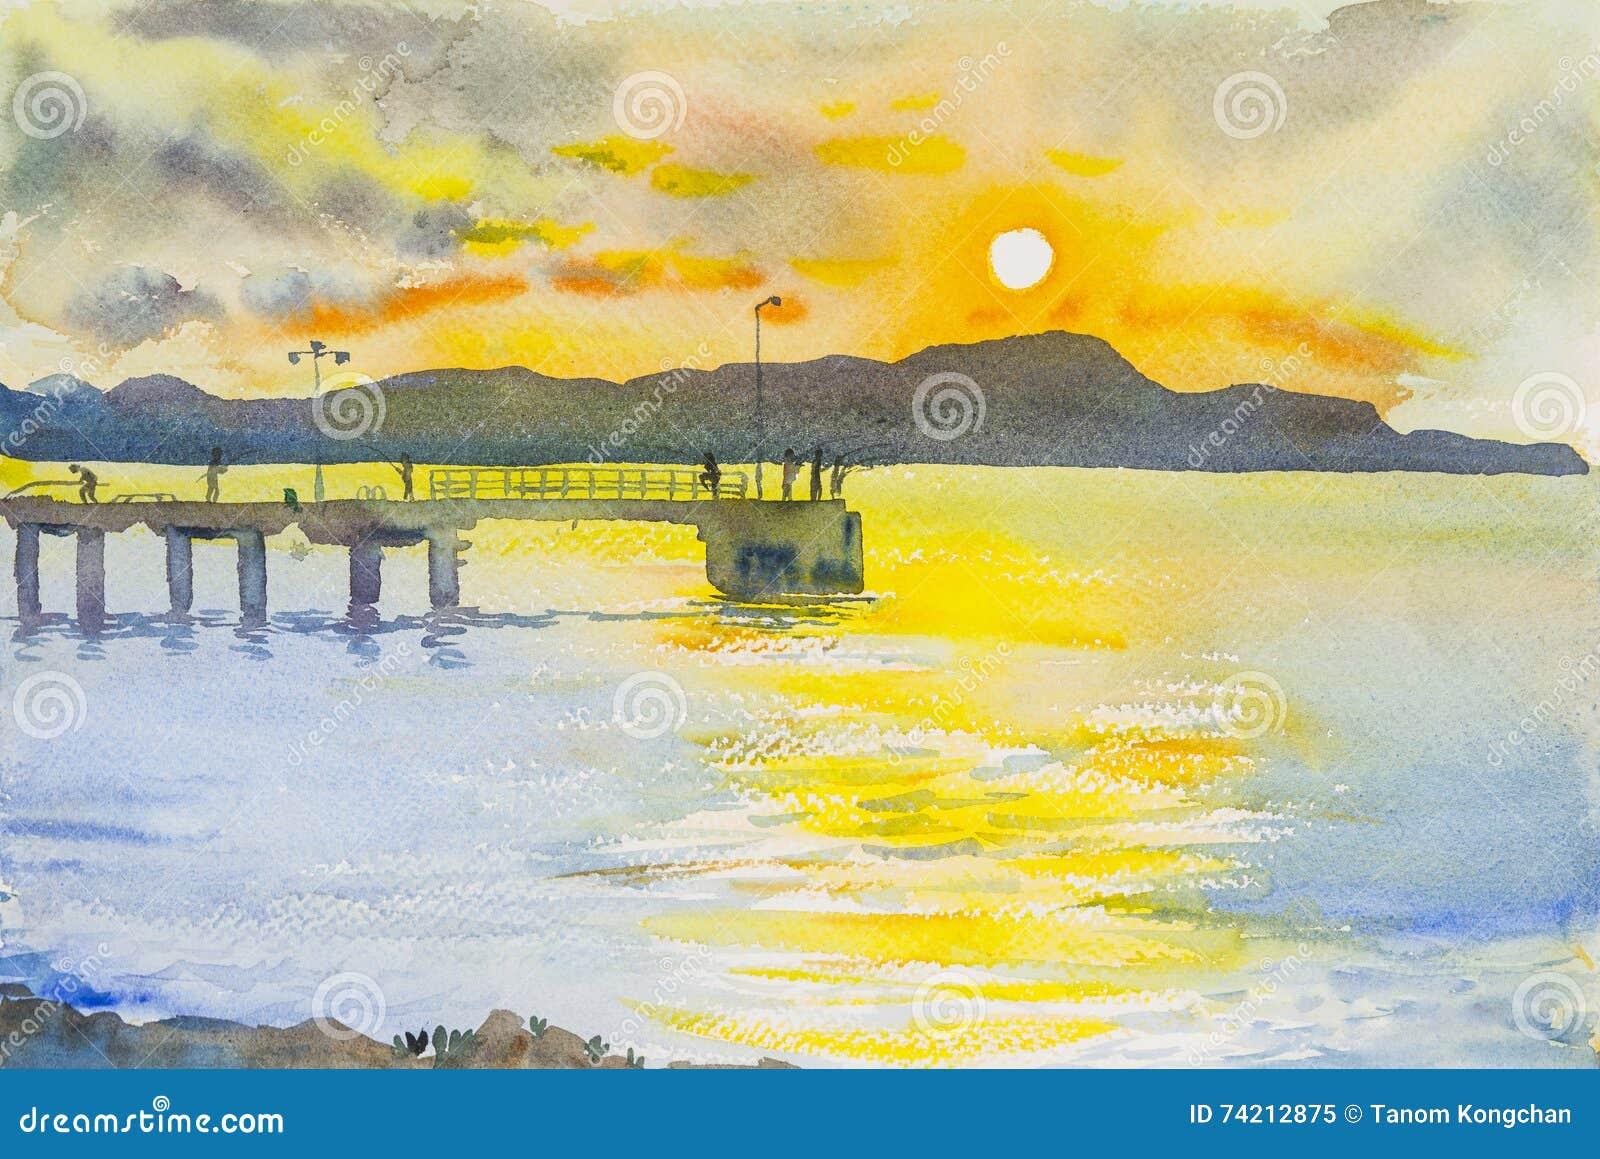 Seascape obrazu zmierzch kolorowy góra i emocja